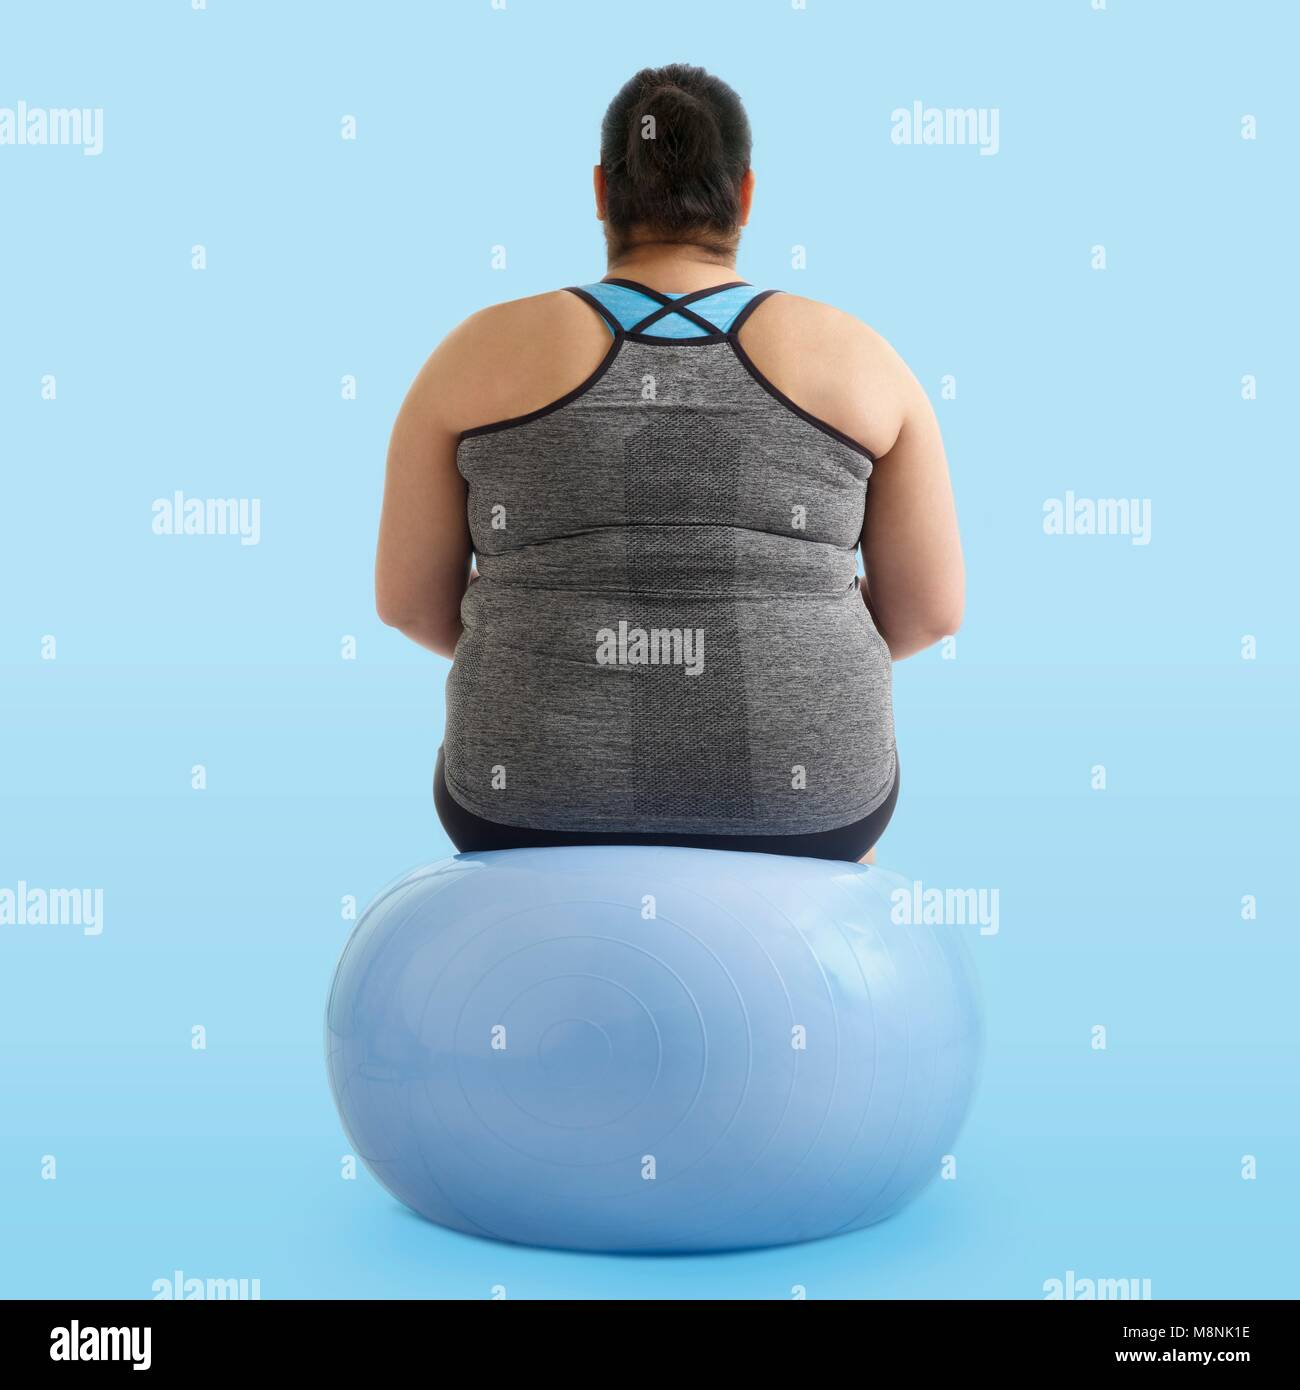 Il sovrappeso donna seduta su una palla ginnica, in vista posteriore Immagini Stock